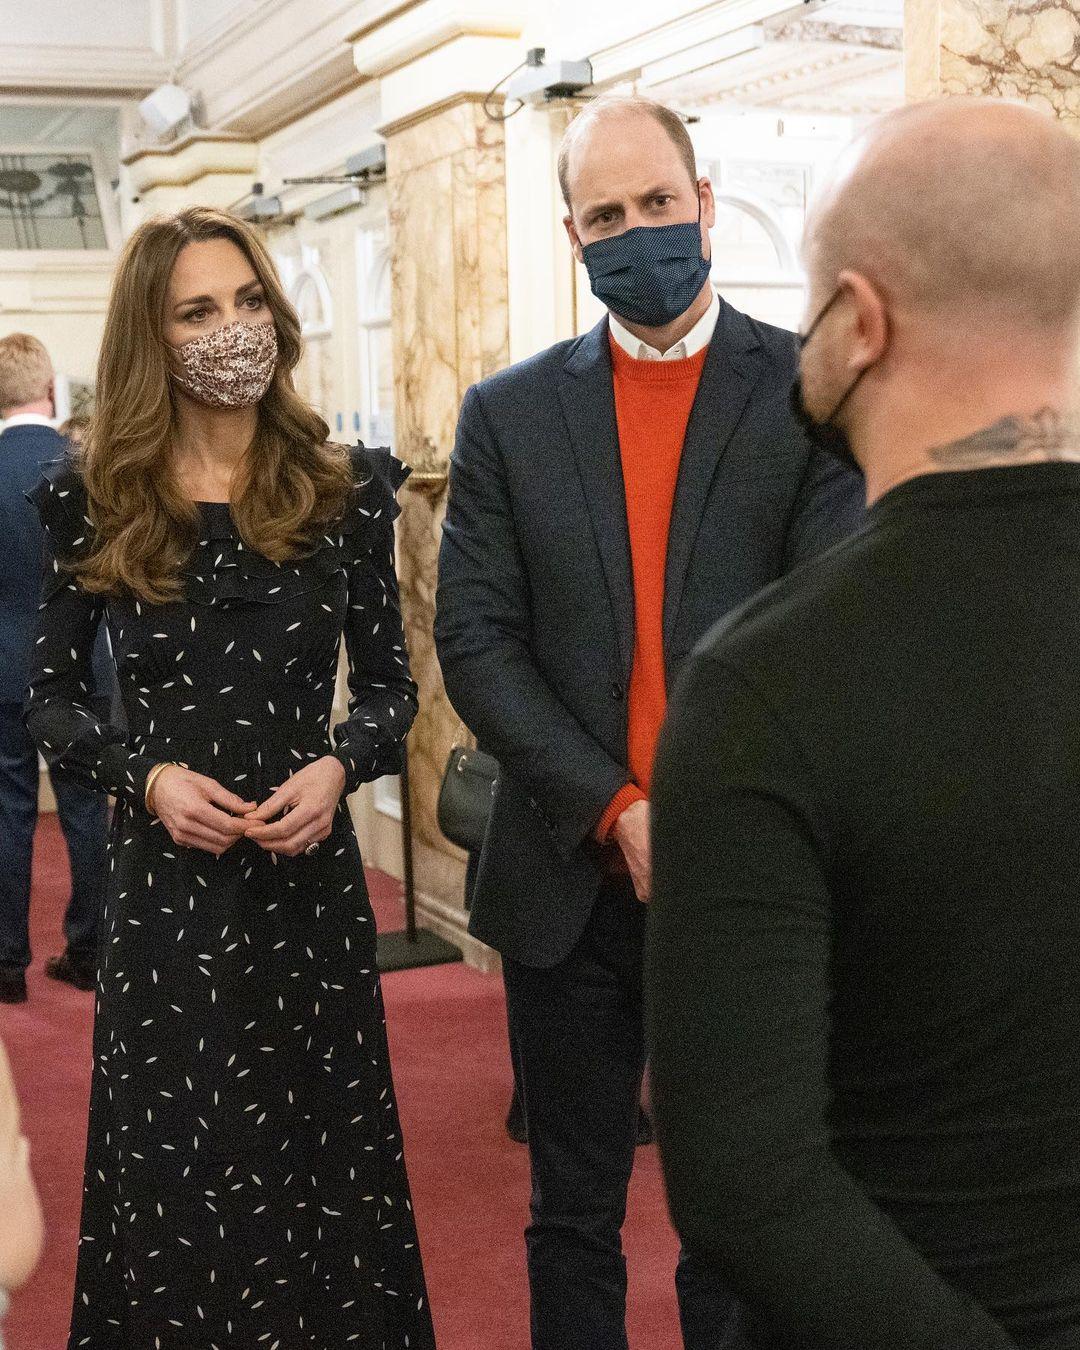 Кейт Міддлтон і принц Вільям вперше з'явилися на червоній доріжці з трьома дітьми